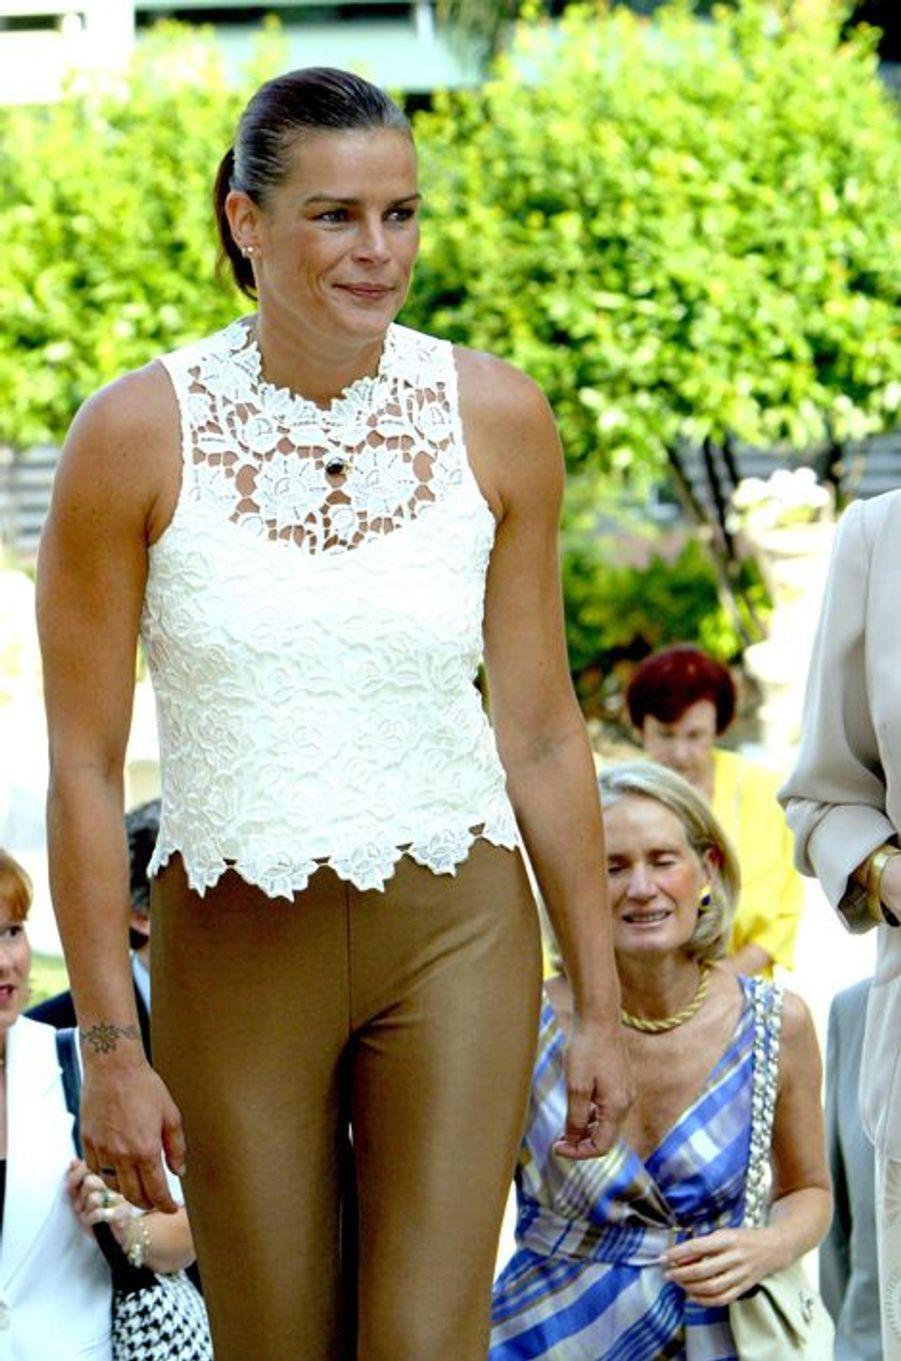 La princesse Stéphanie de Monaco le 2 juillet 2002